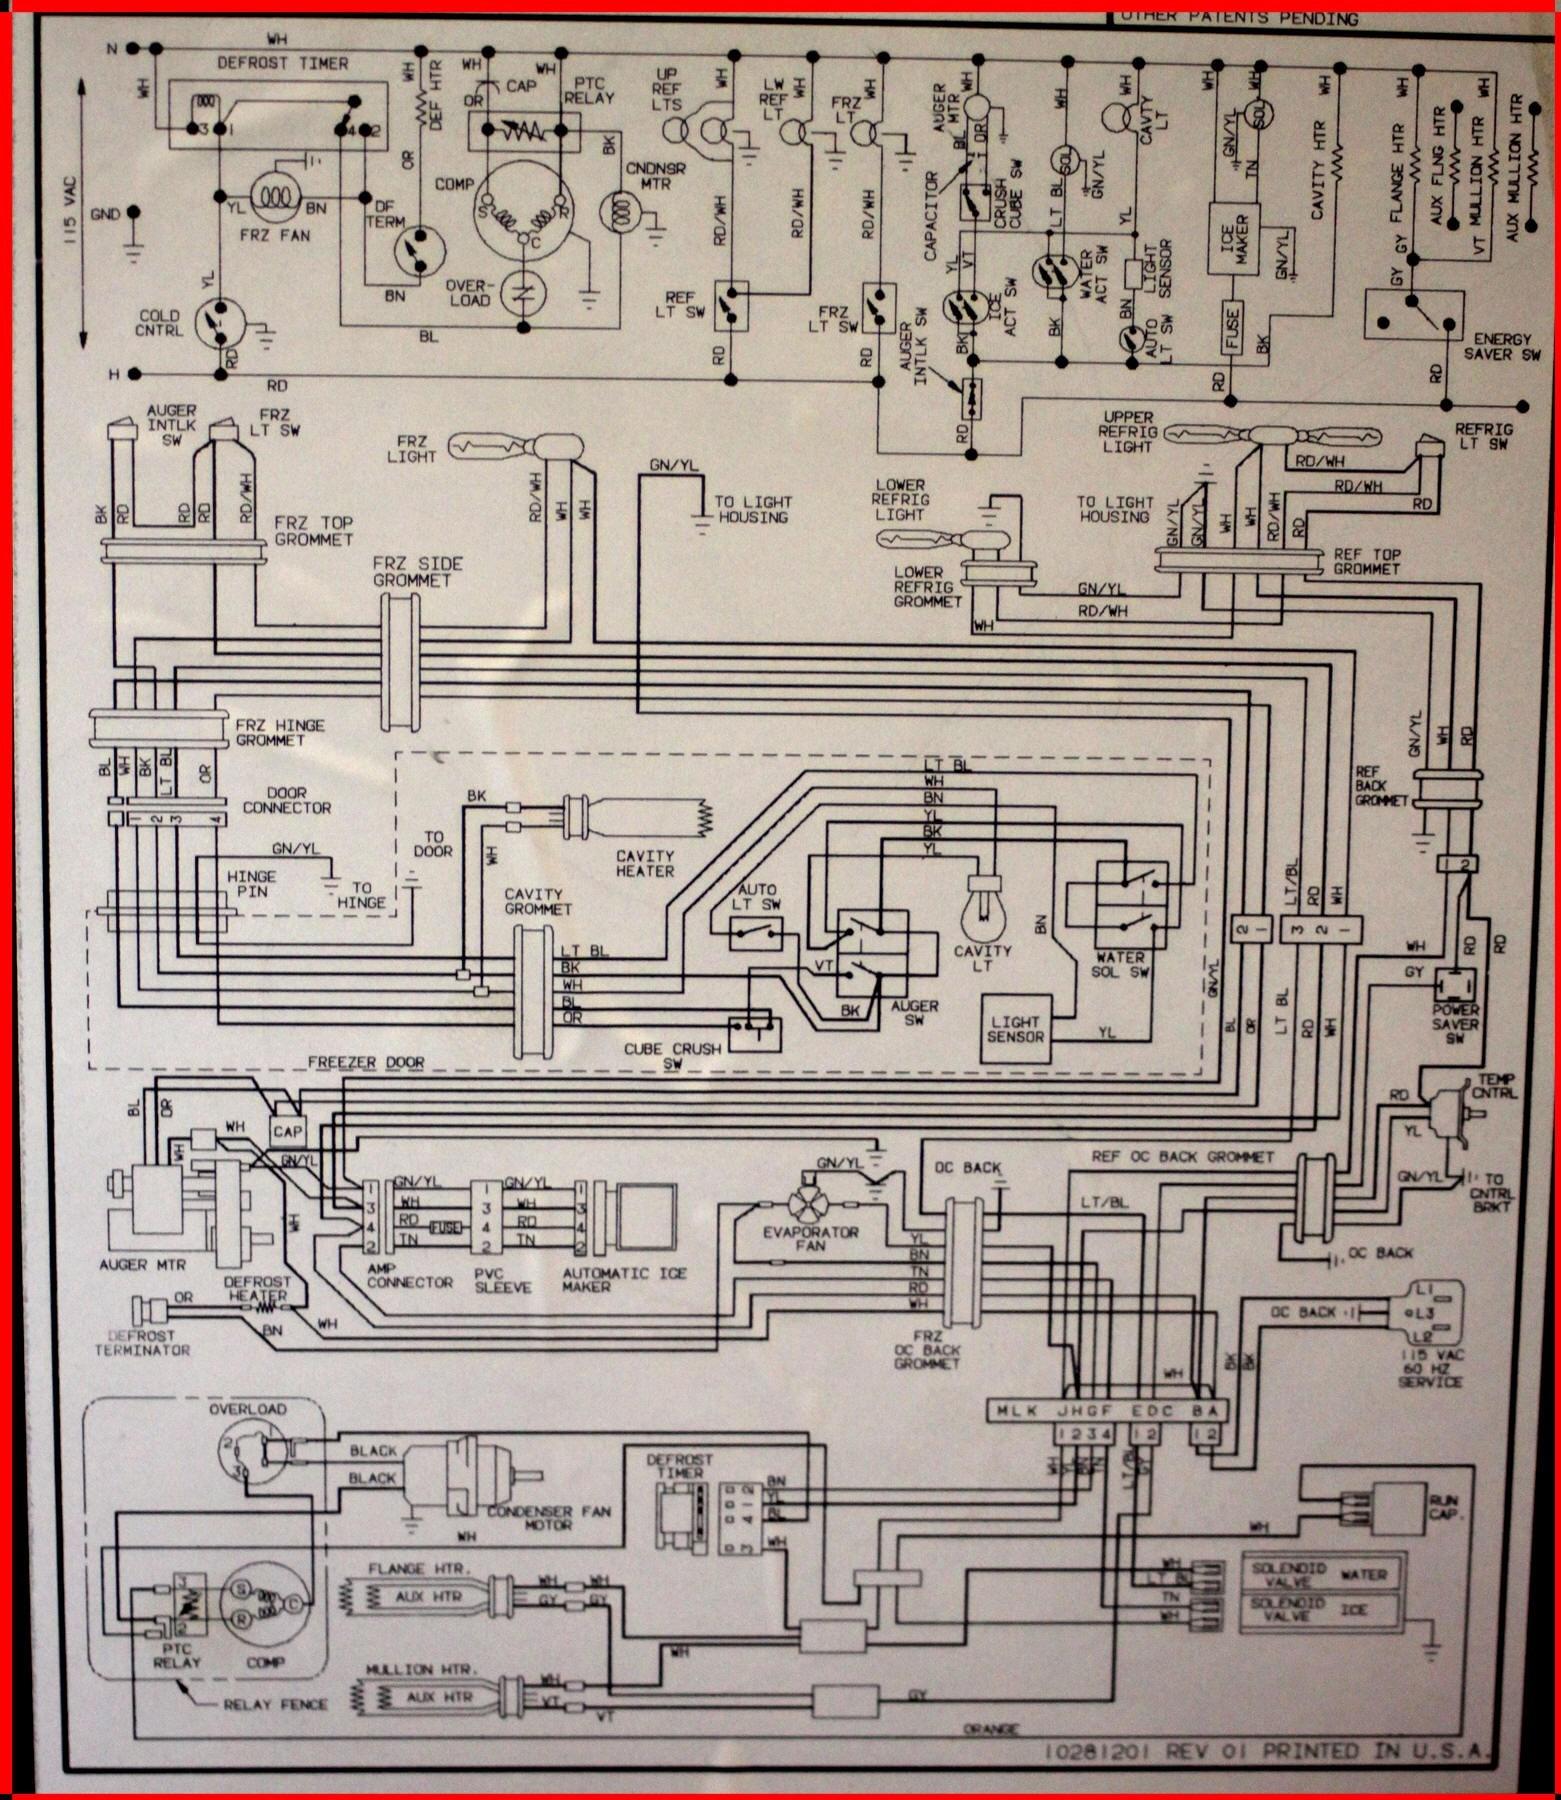 Amana Wiring Diagram - Flaming River Steering Column Wiring Diagram -  controlwiringas.lalu.decorresine.itWiring Diagram Resource